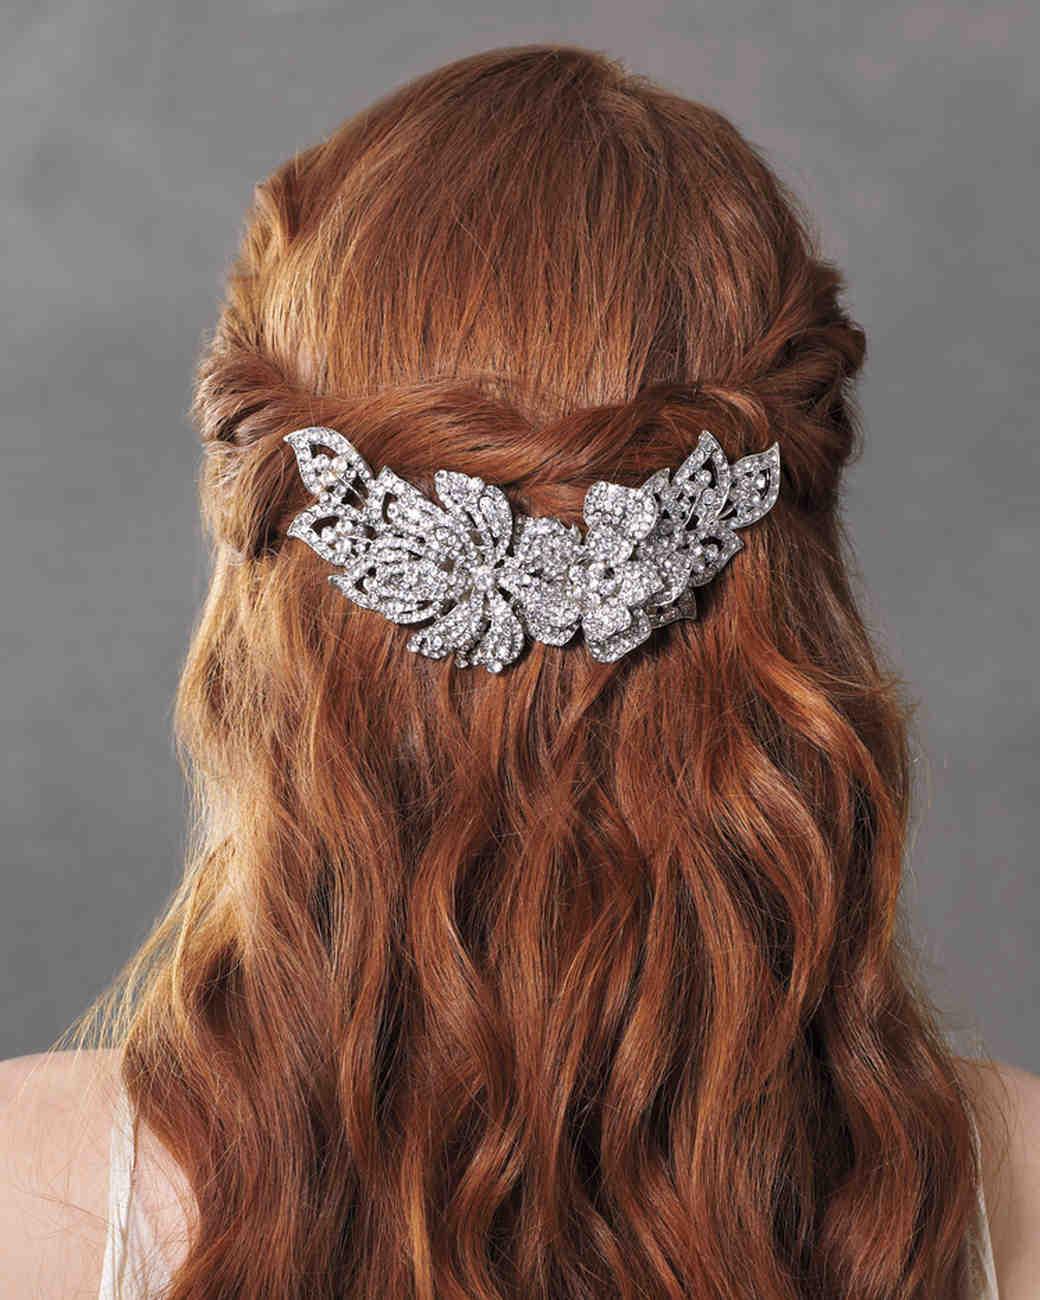 beauty-hair-b-mwd108909.jpg